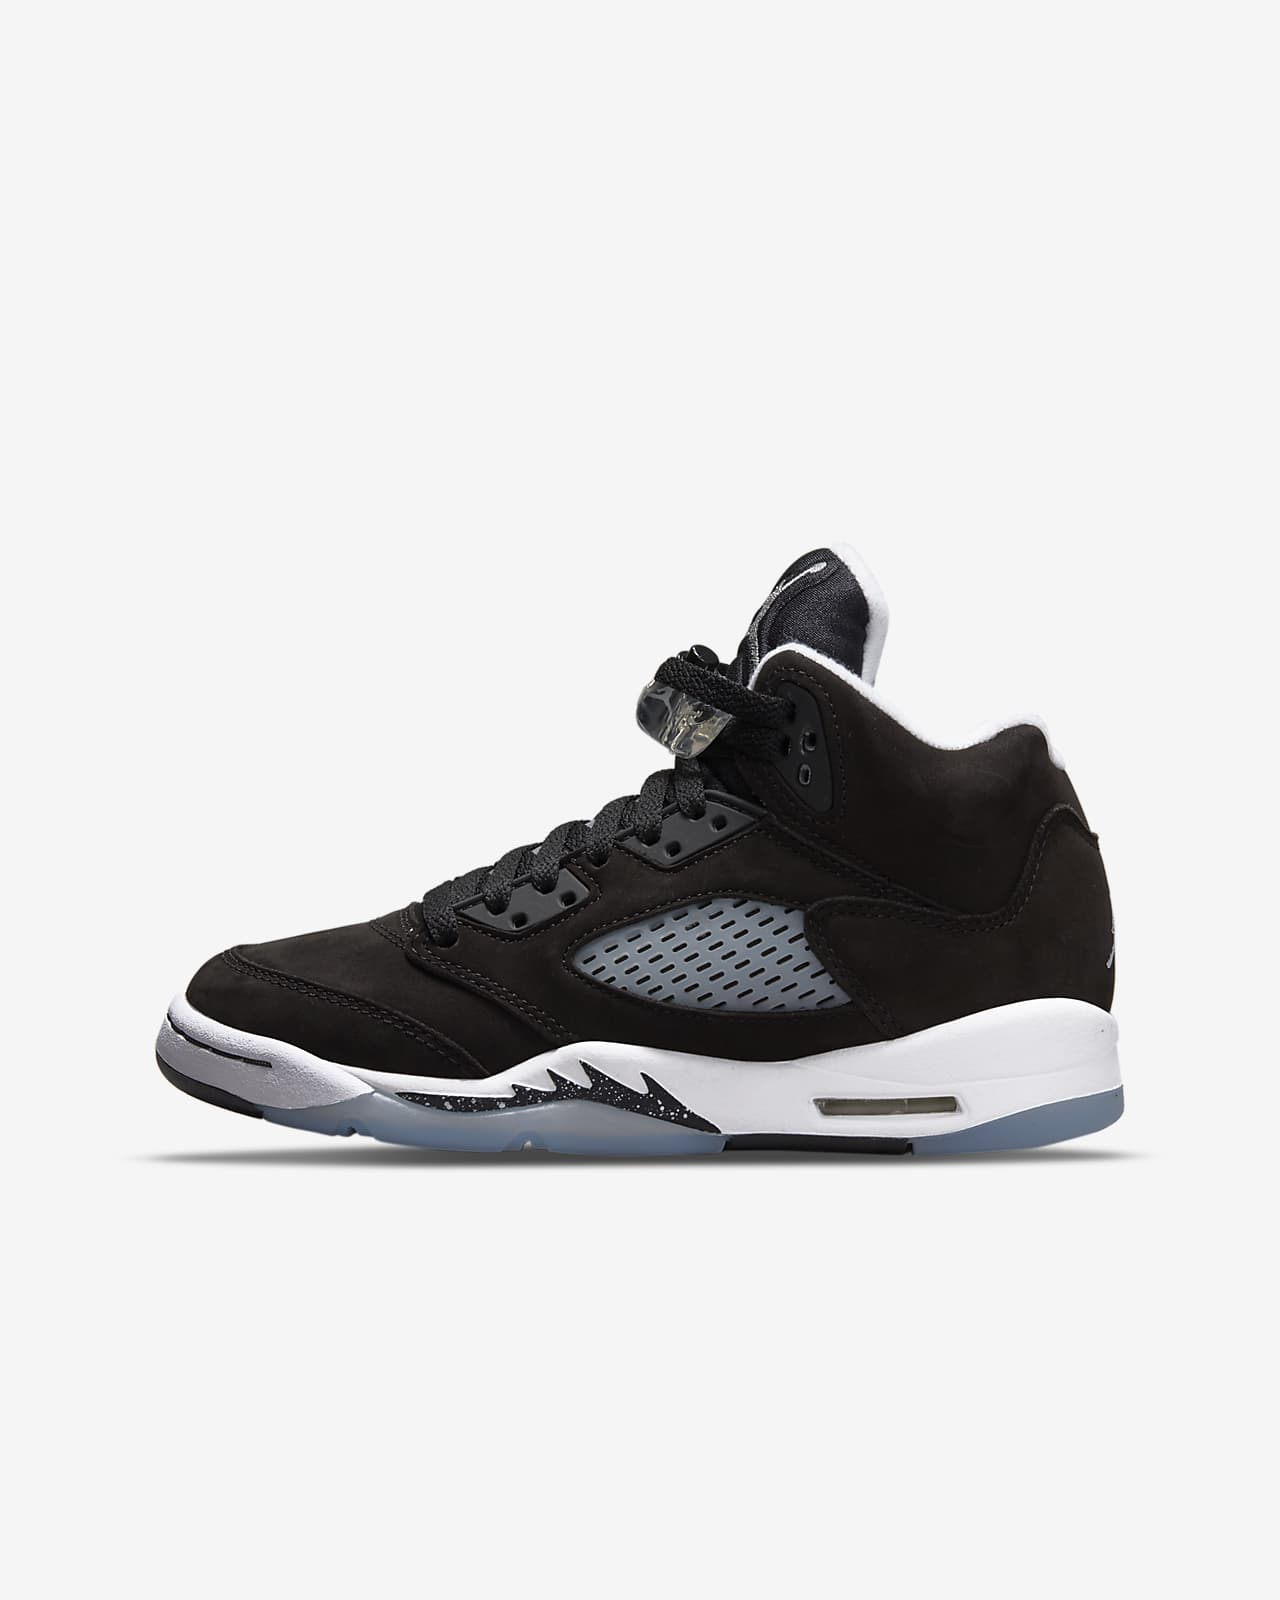 Air Jordan 5 Retro Big Kids' Shoes